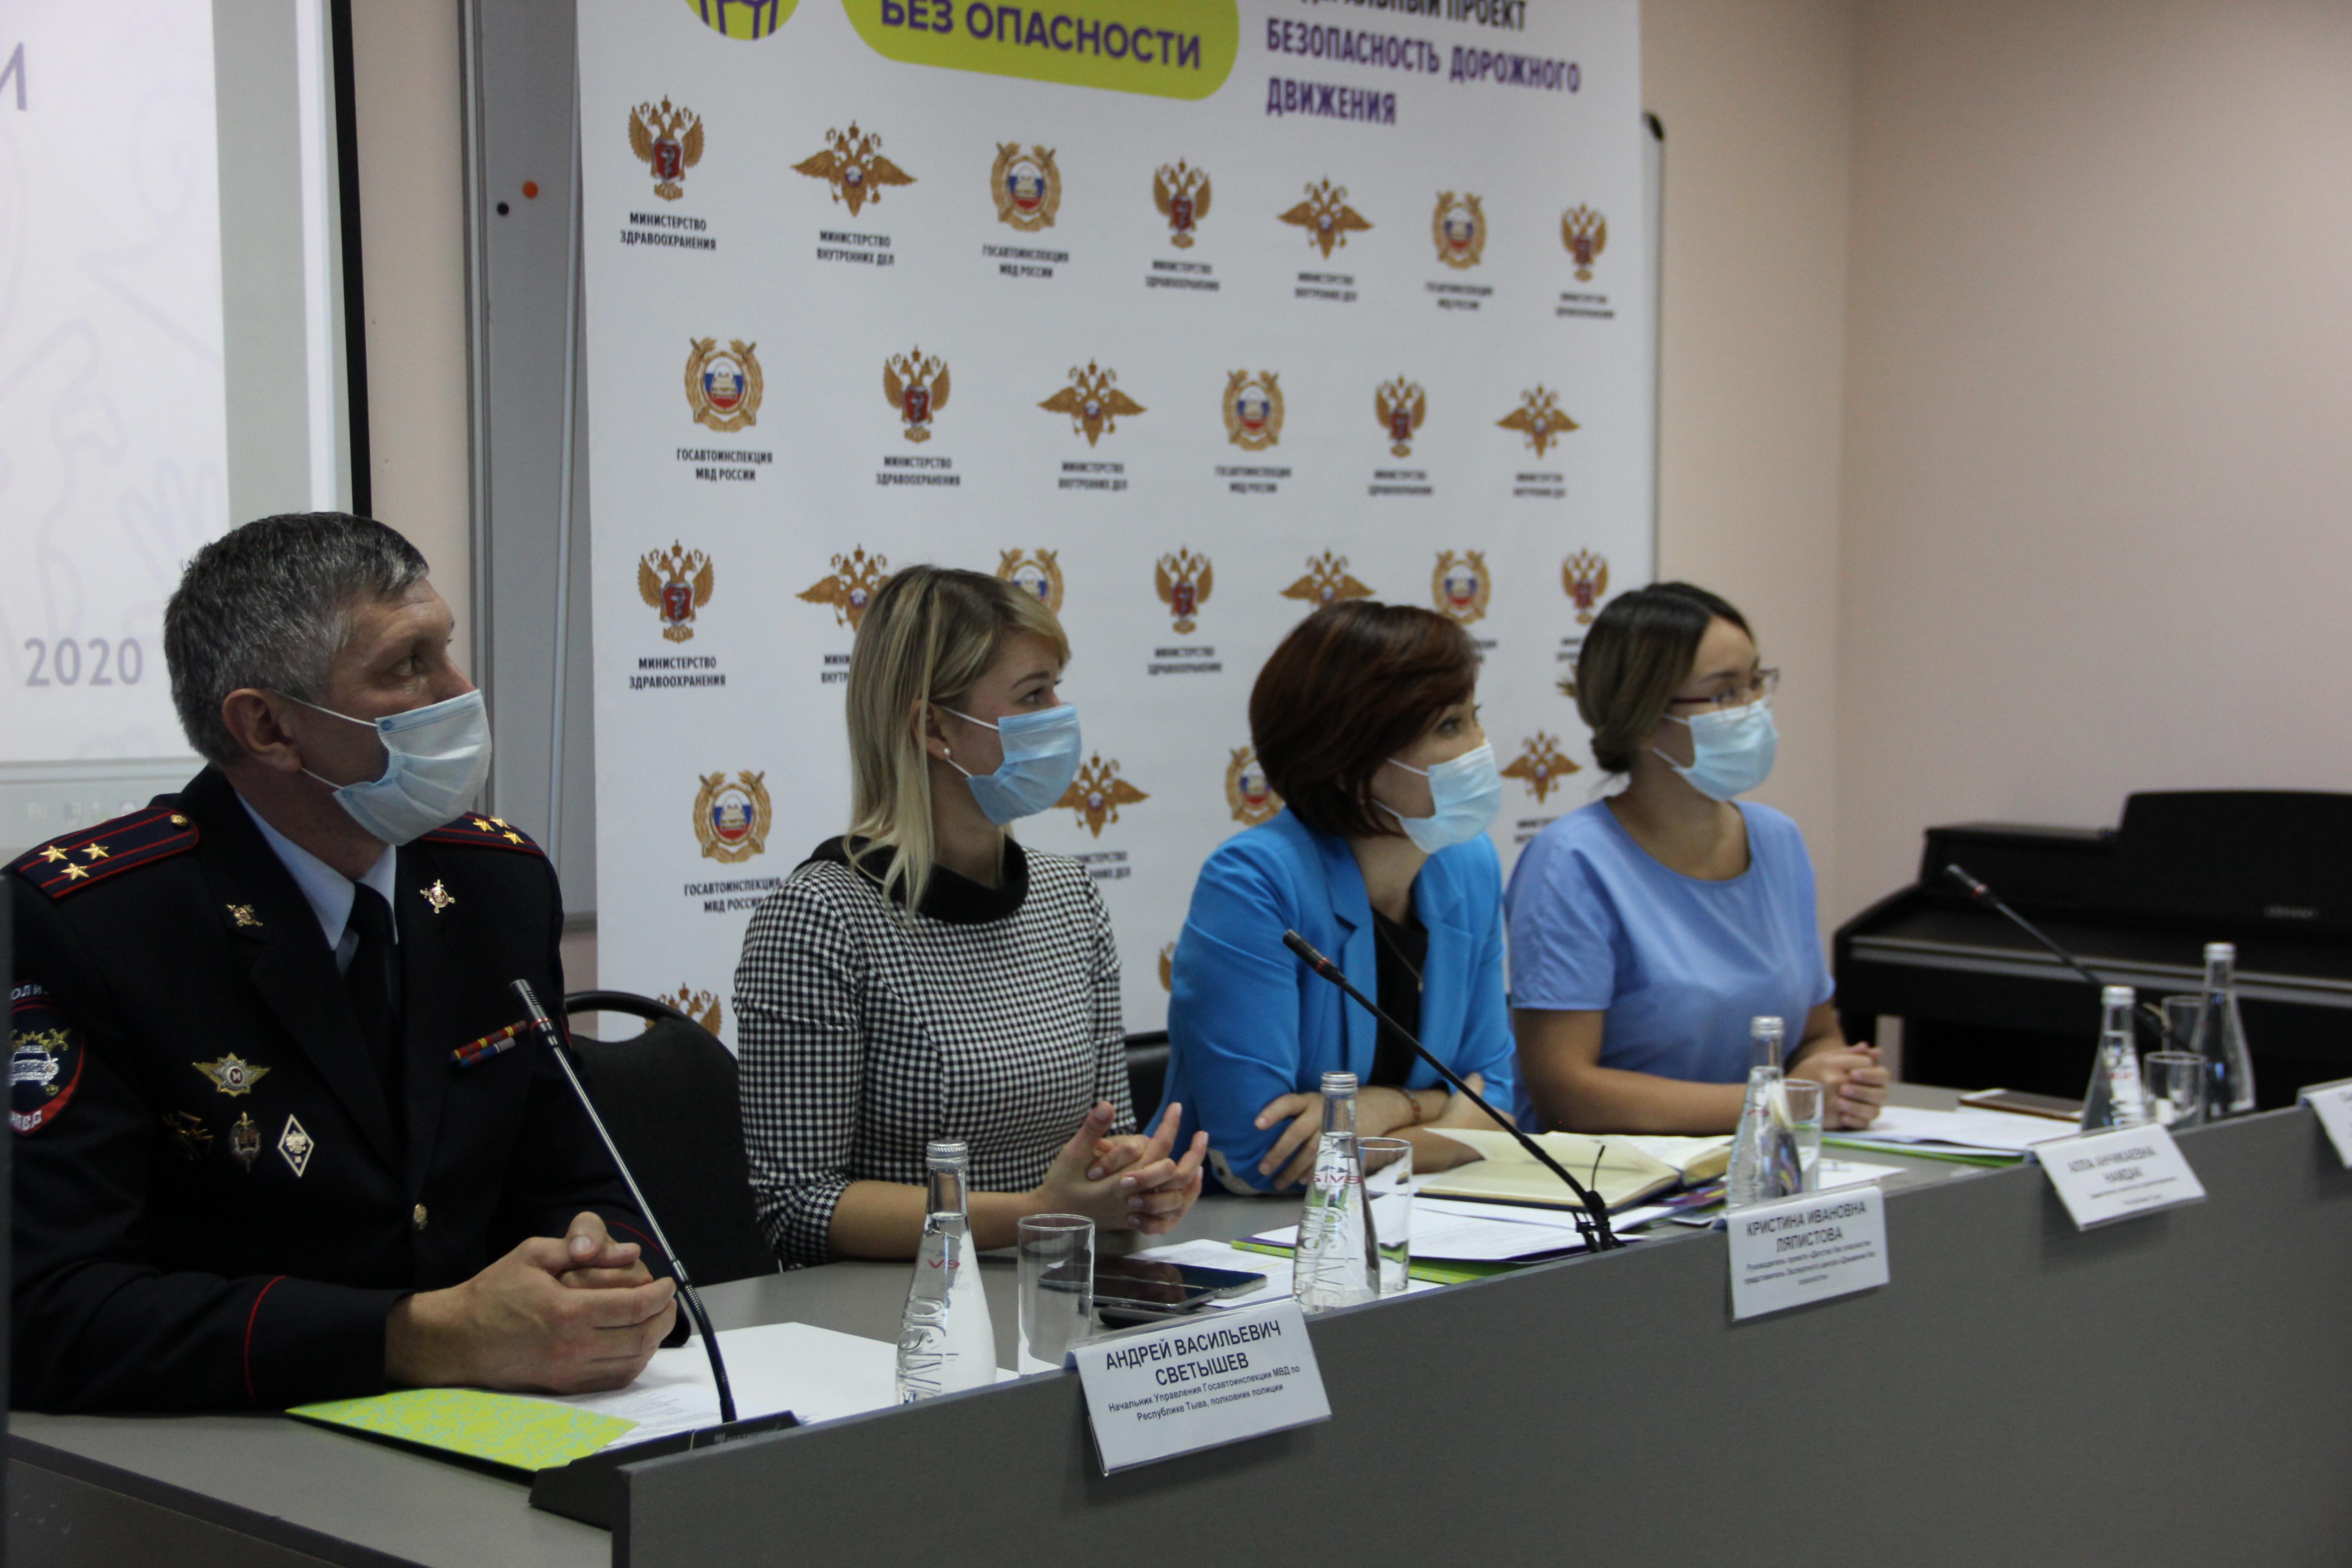 Республика Тыва присоединилась к проекту «Детство без опасности»